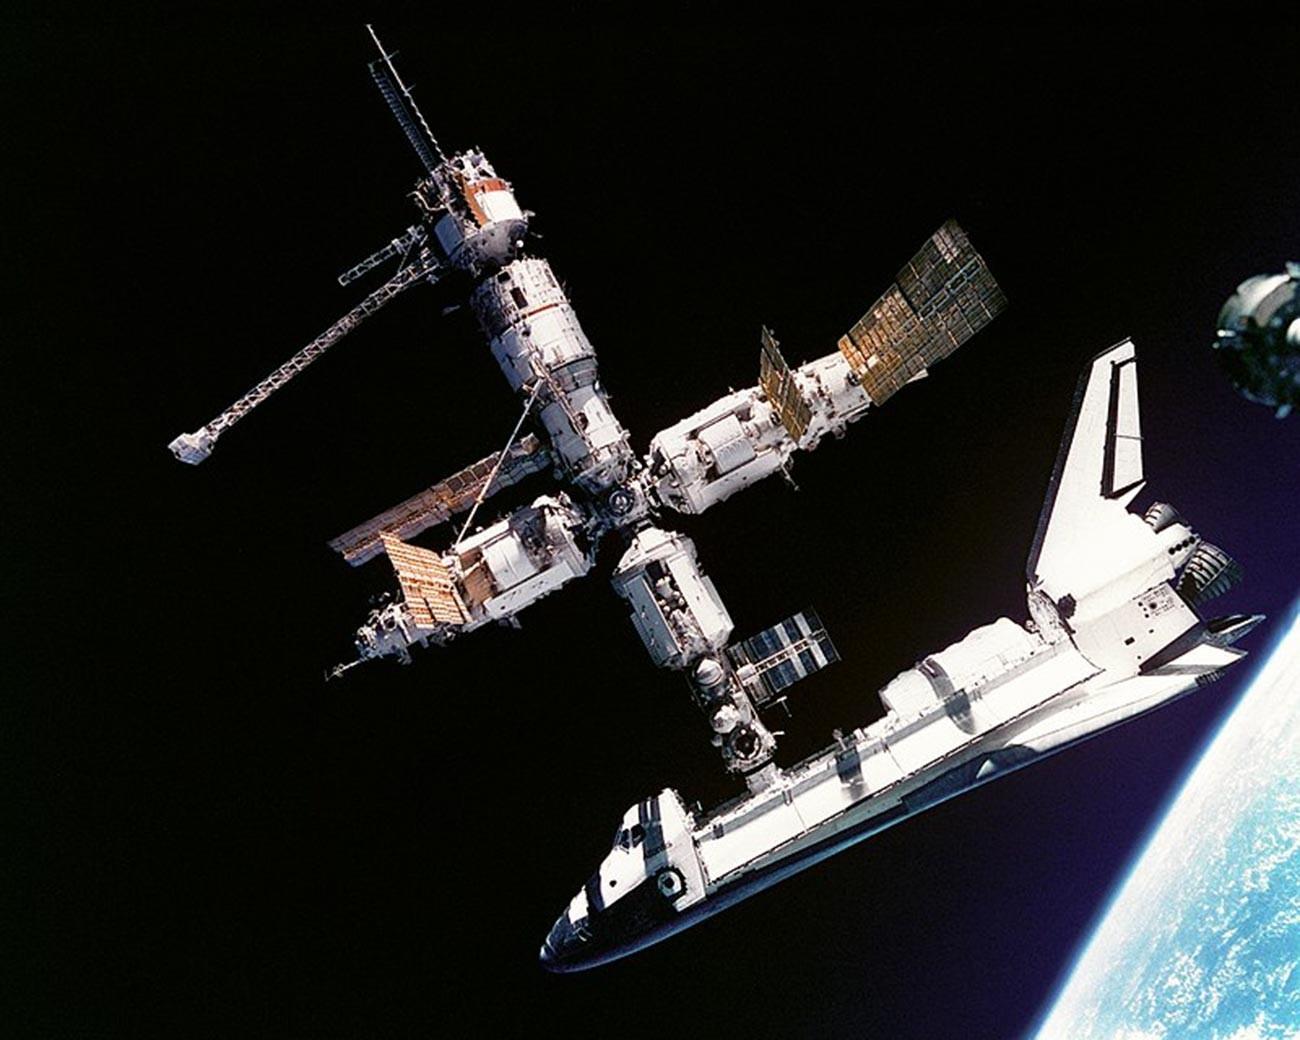 Imagem do ônibus espacial Atlantis ainda conectado à Estação Espacial Mir foi feita pela tripulação do MIR-19 em 4 de julho de 1995